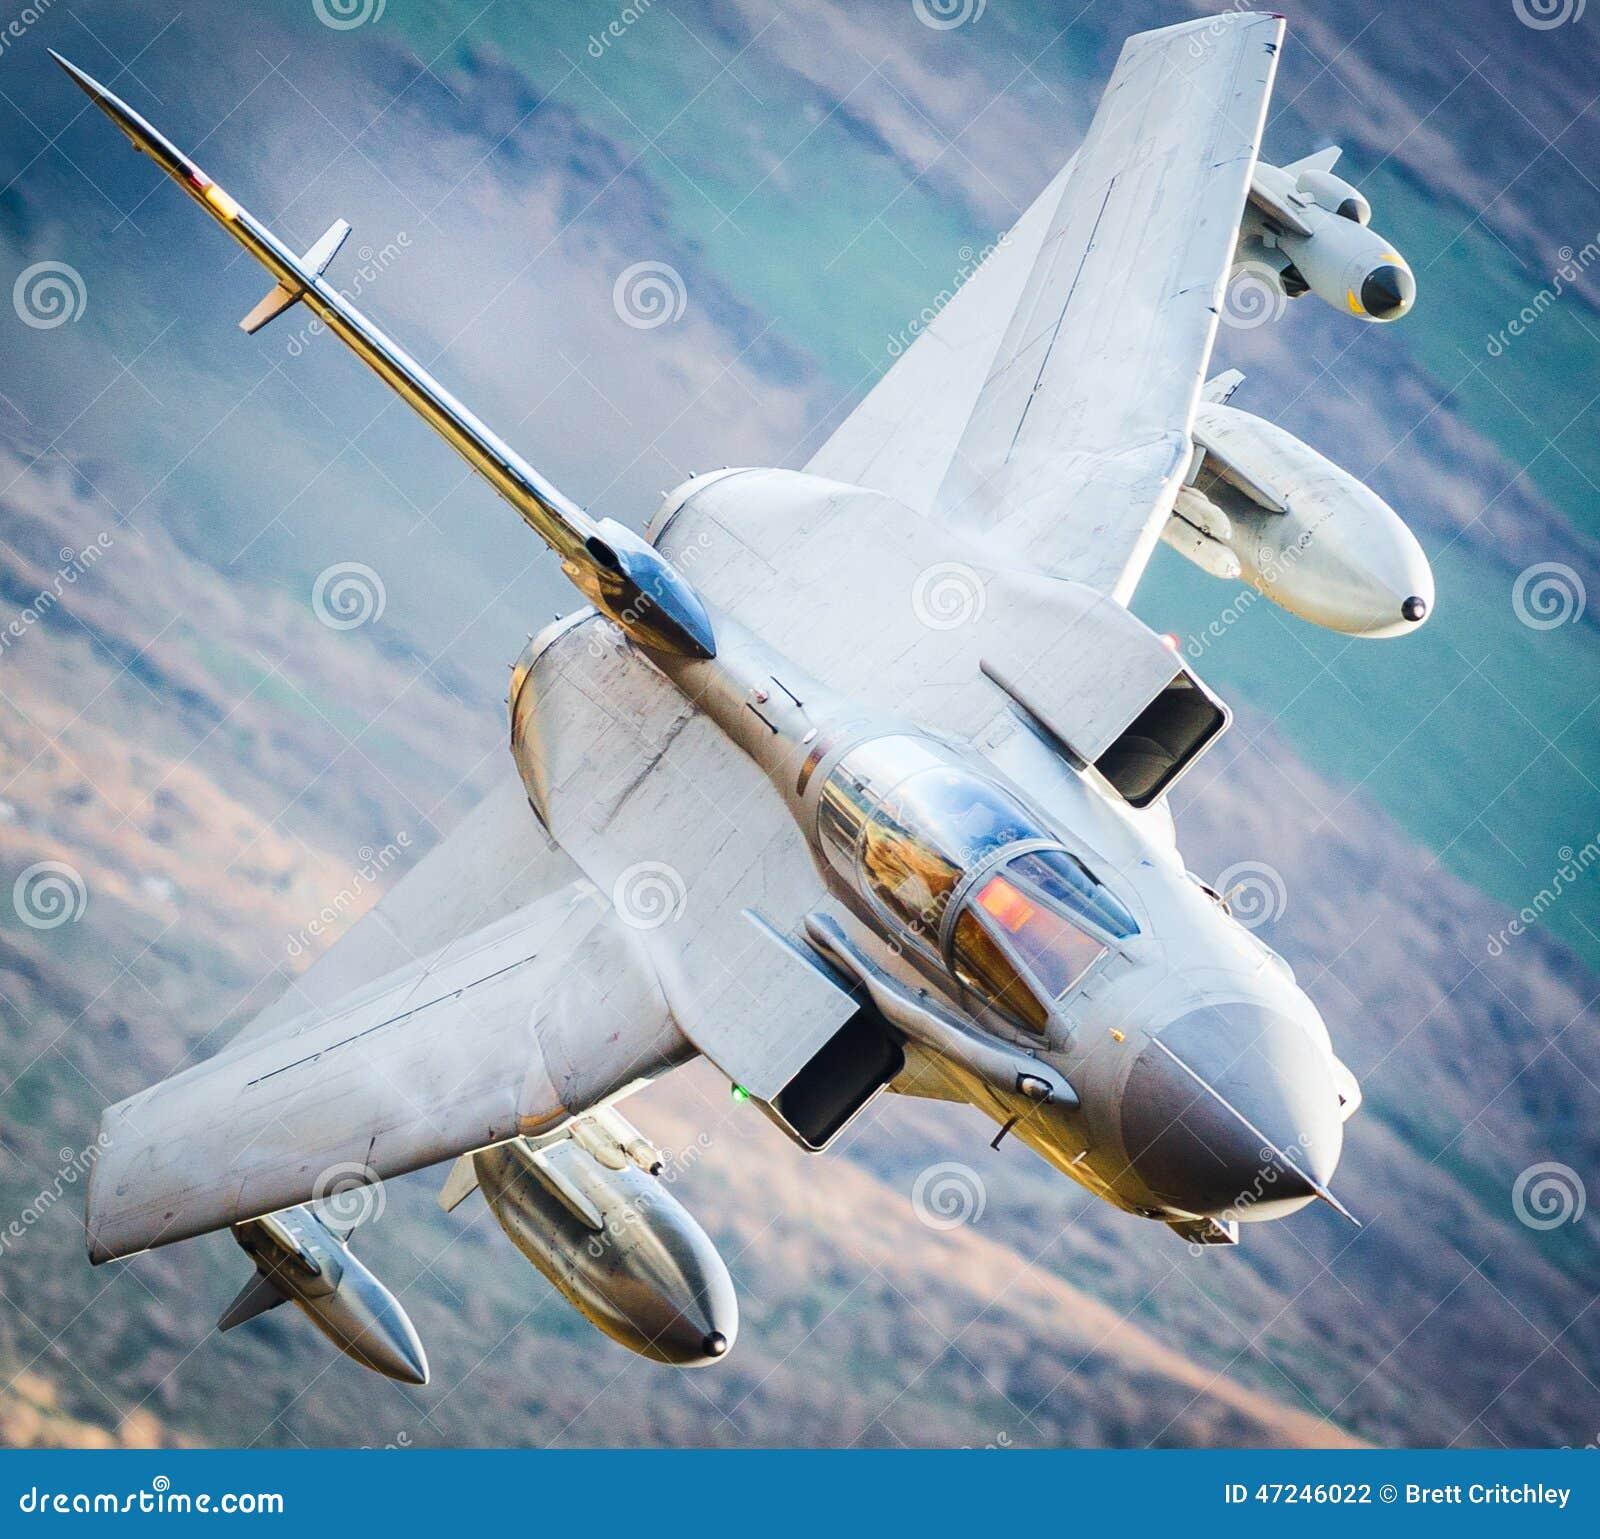 Aereo Da Caccia Tornado : Aereo da caccia in volo fotografia stock immagine